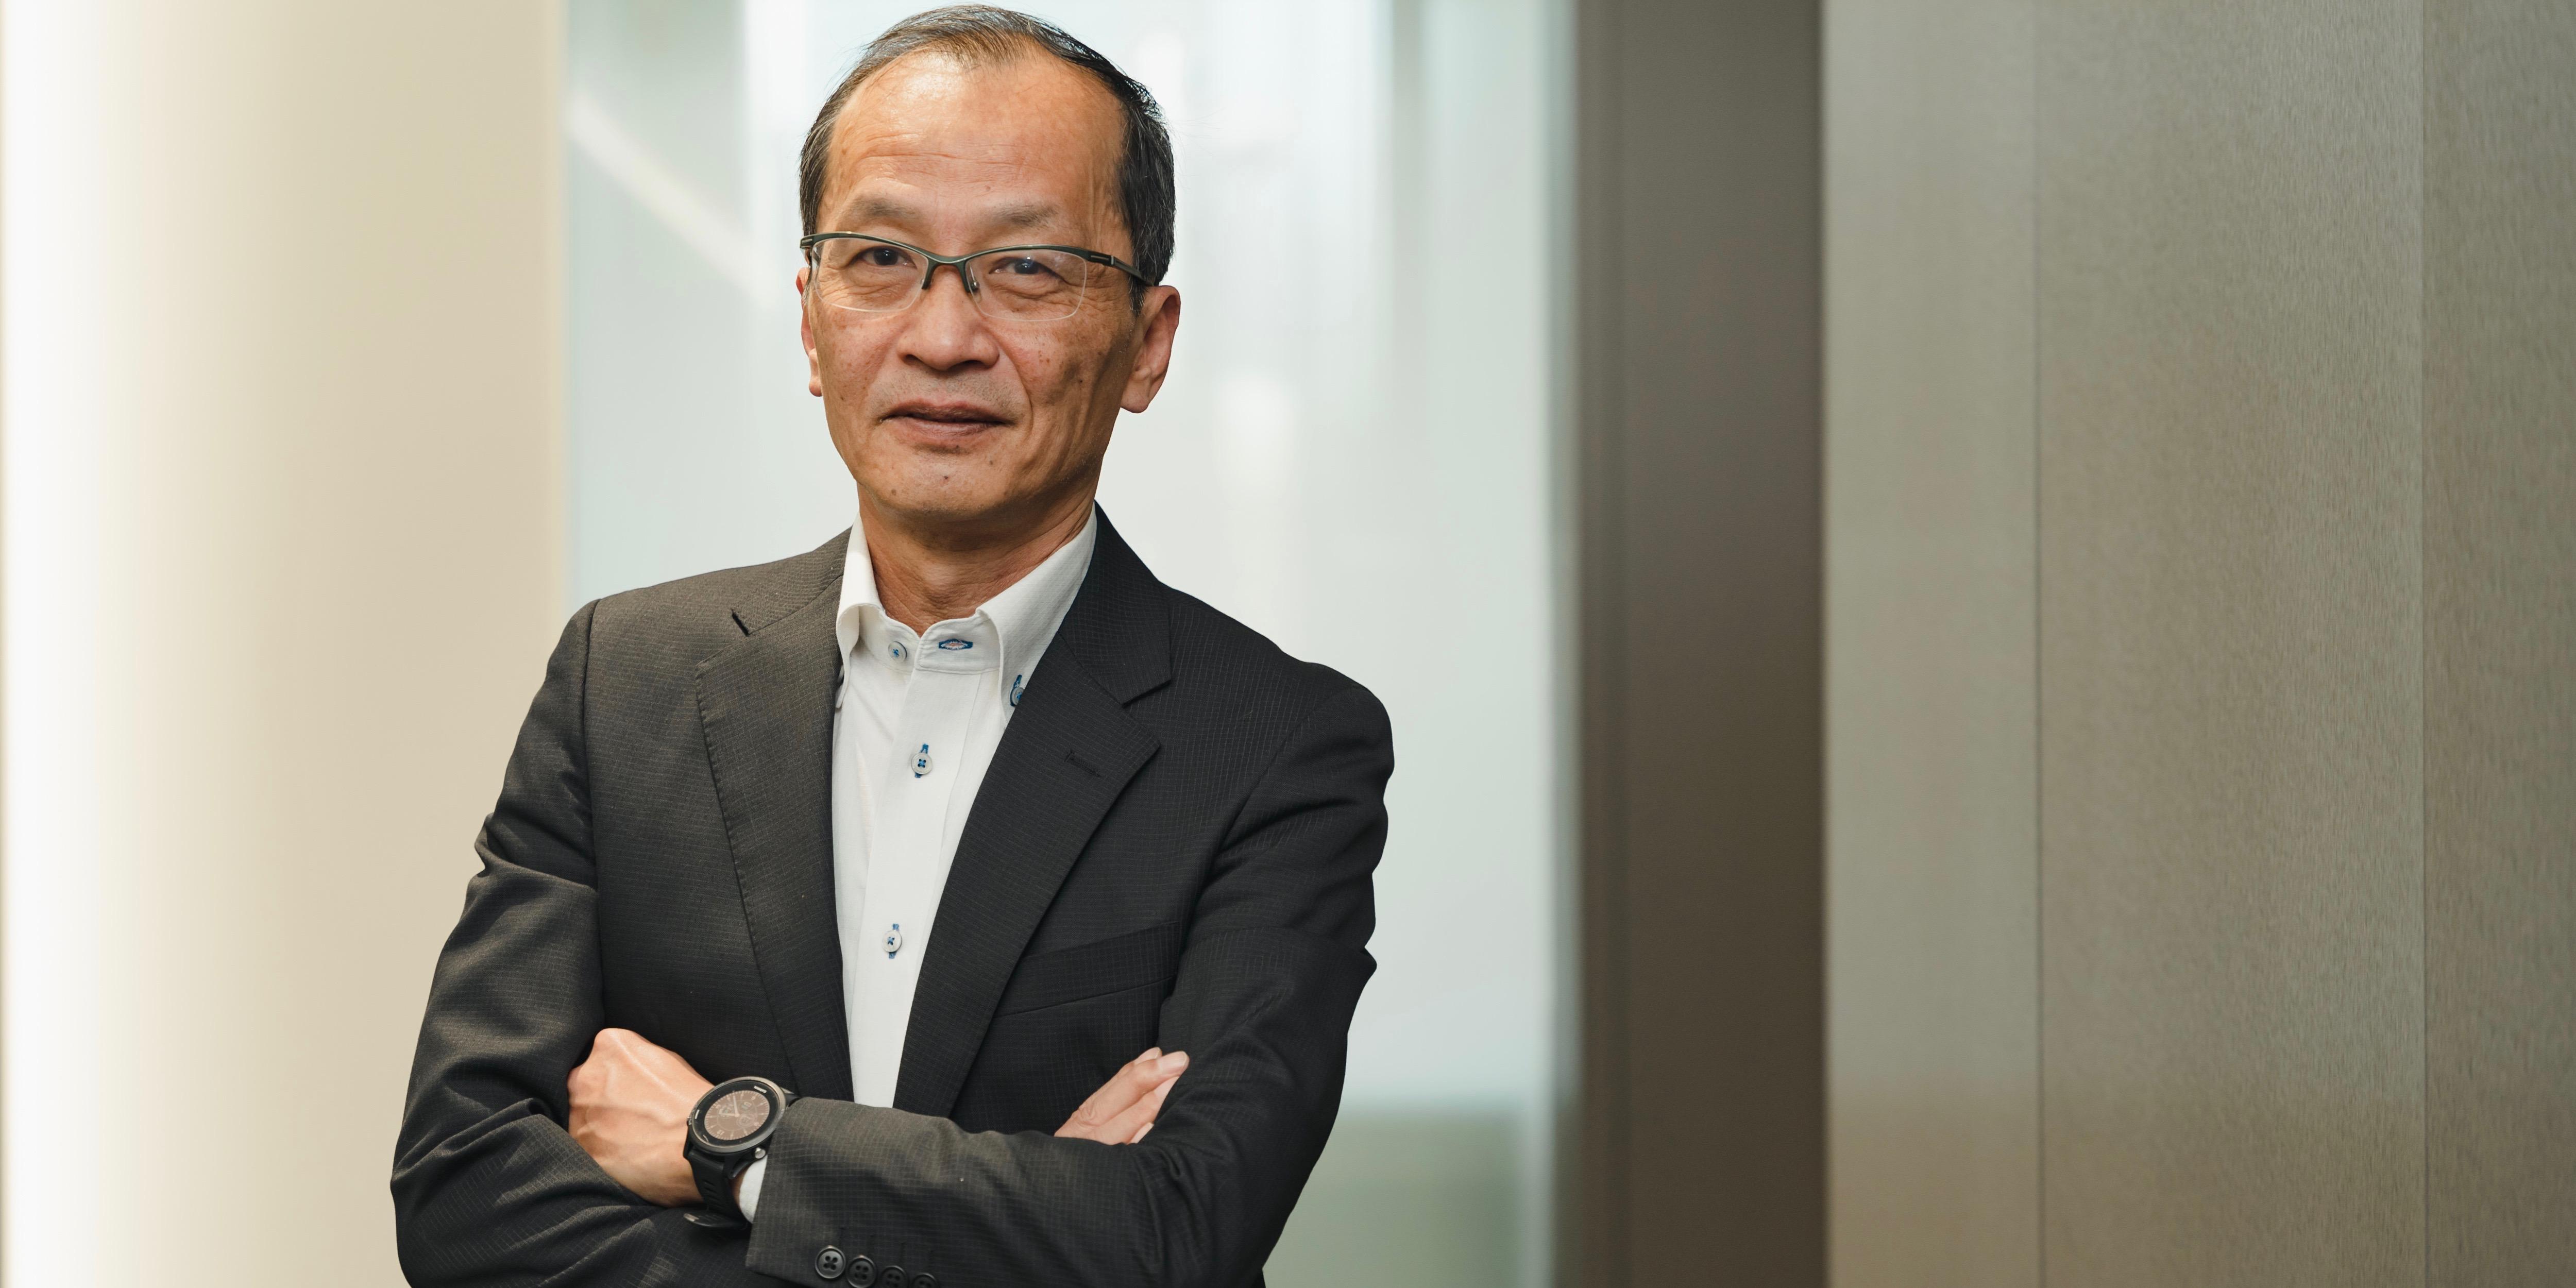 キャリア35年超!経験と技術を最大限に活かして働くBIエンジニア―クリーク・アンド・リバー社 森田浩彰さん